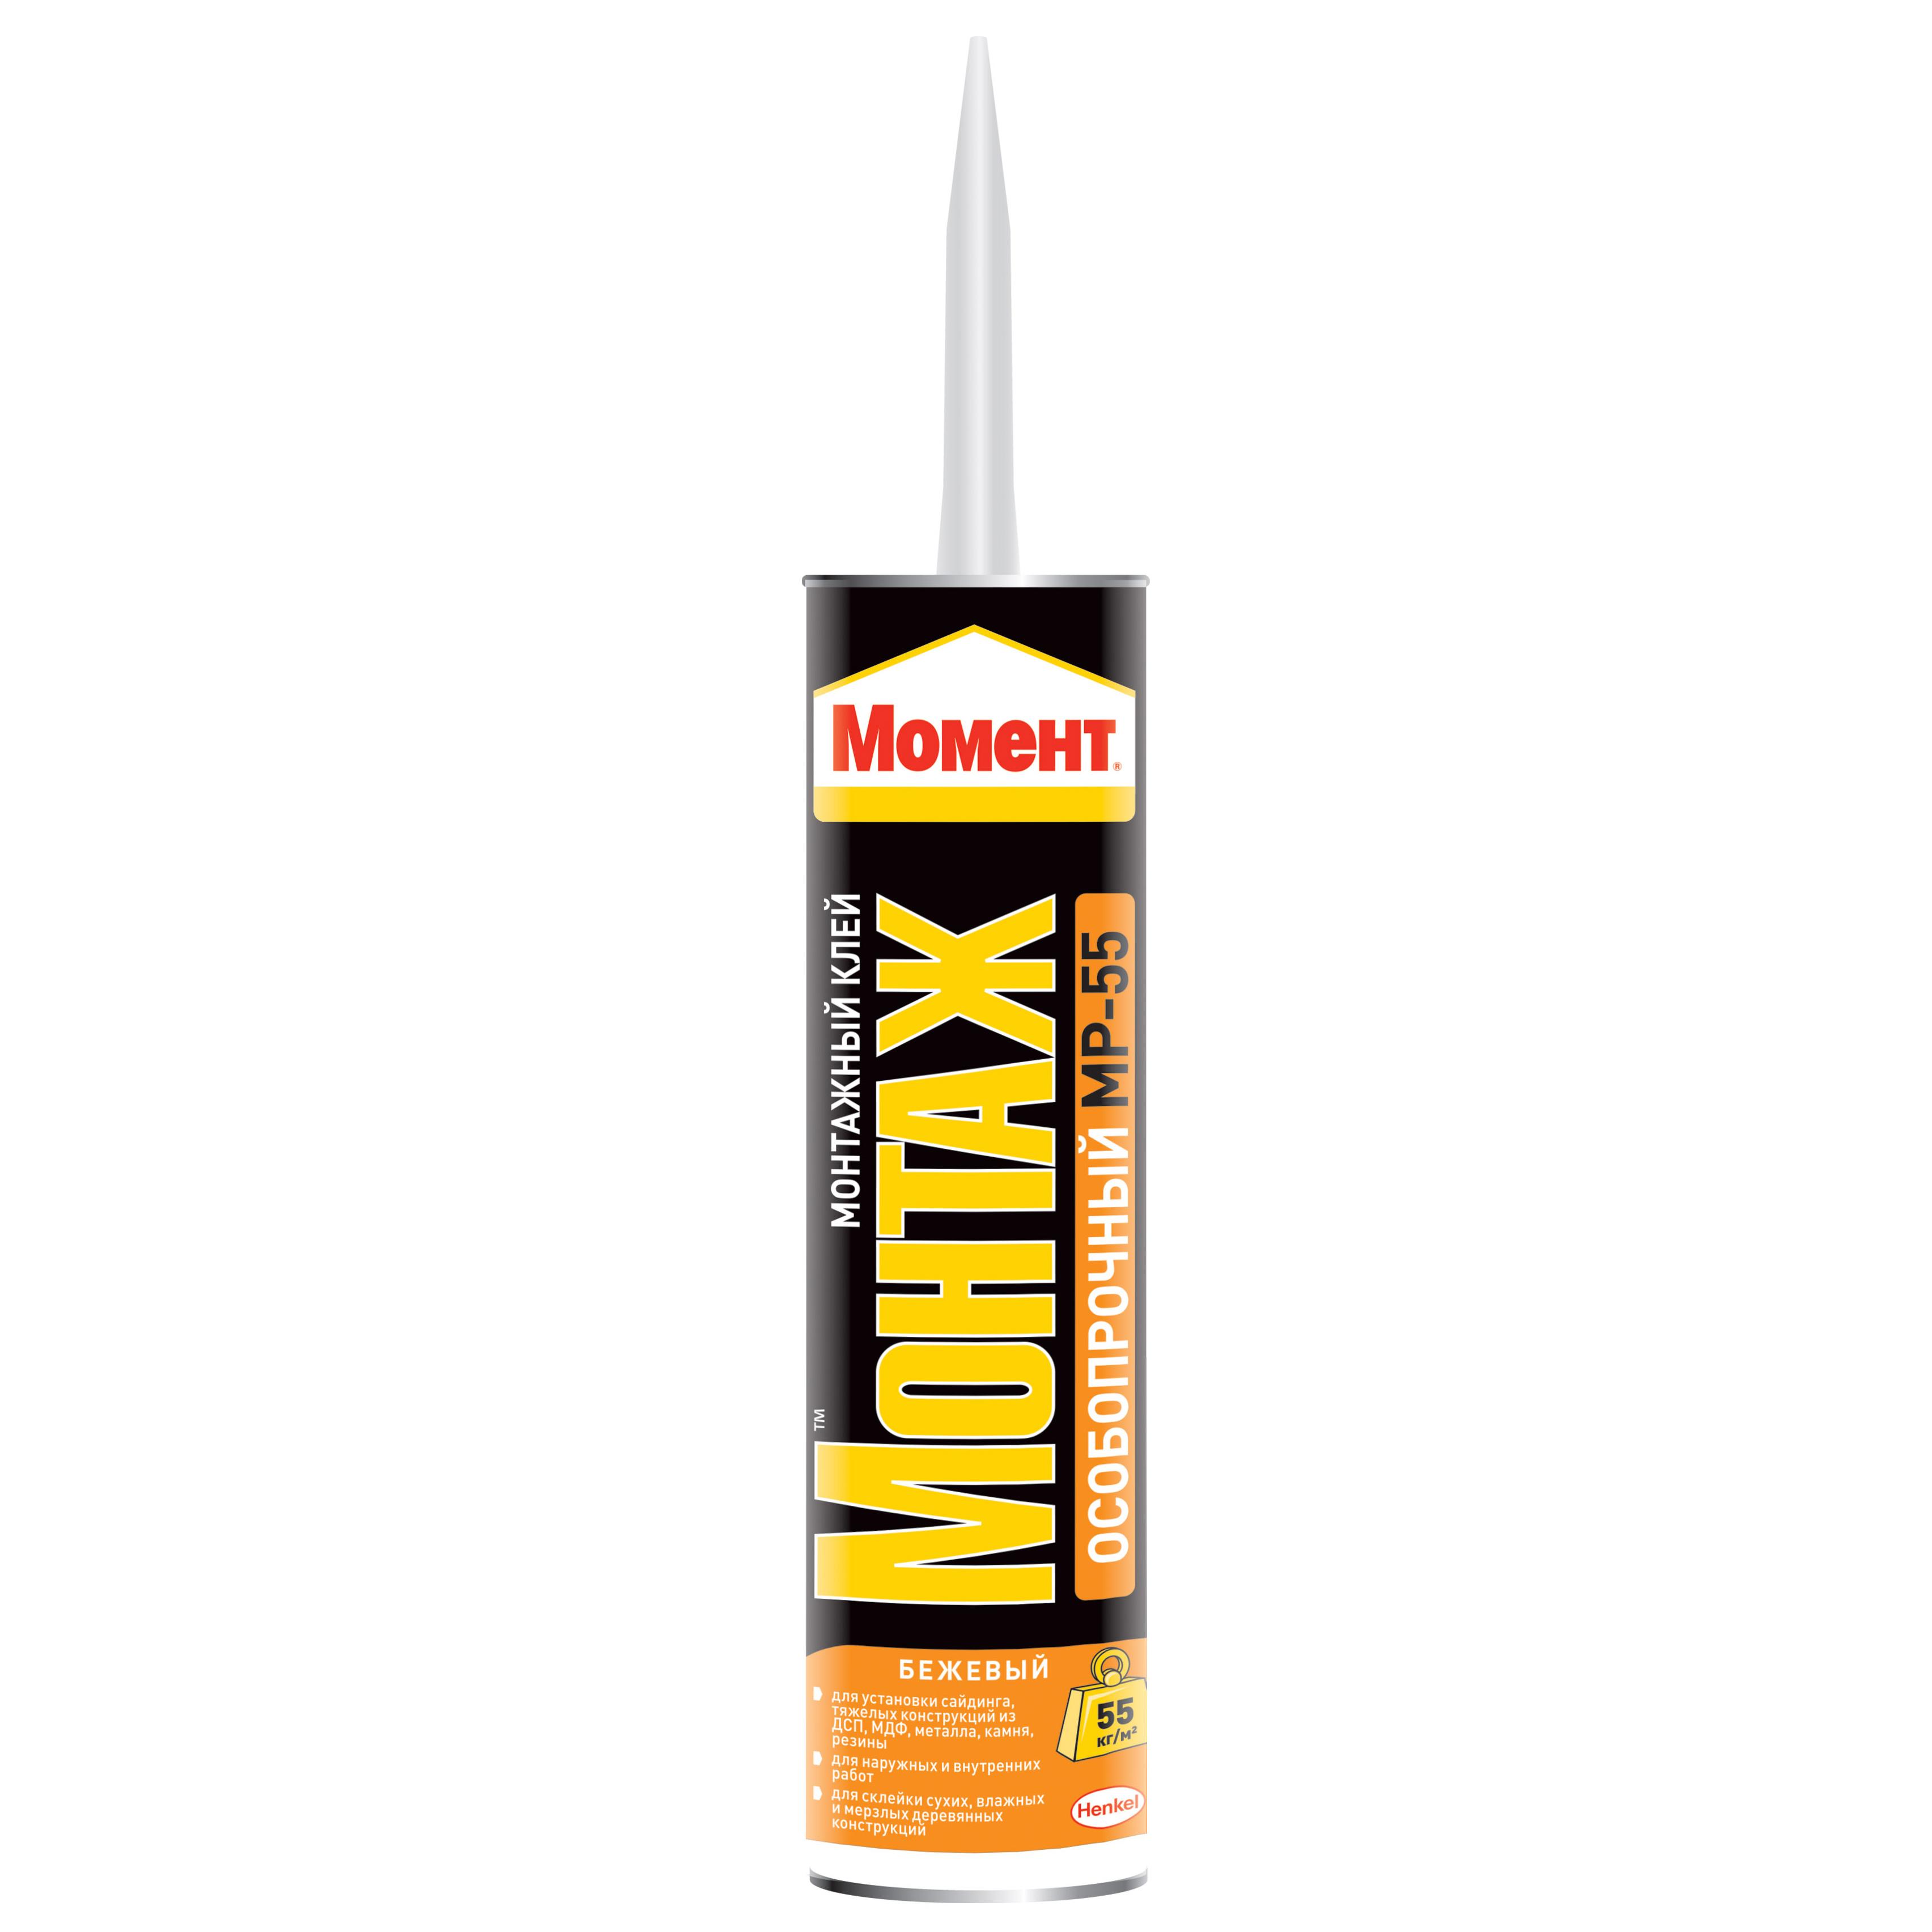 Монтажный клей Момент Особопрочный МР-55 423 г 1626847/1061245 клей axton для потолочных изделий монтажный особопрочный в тюбике 0 3 кг